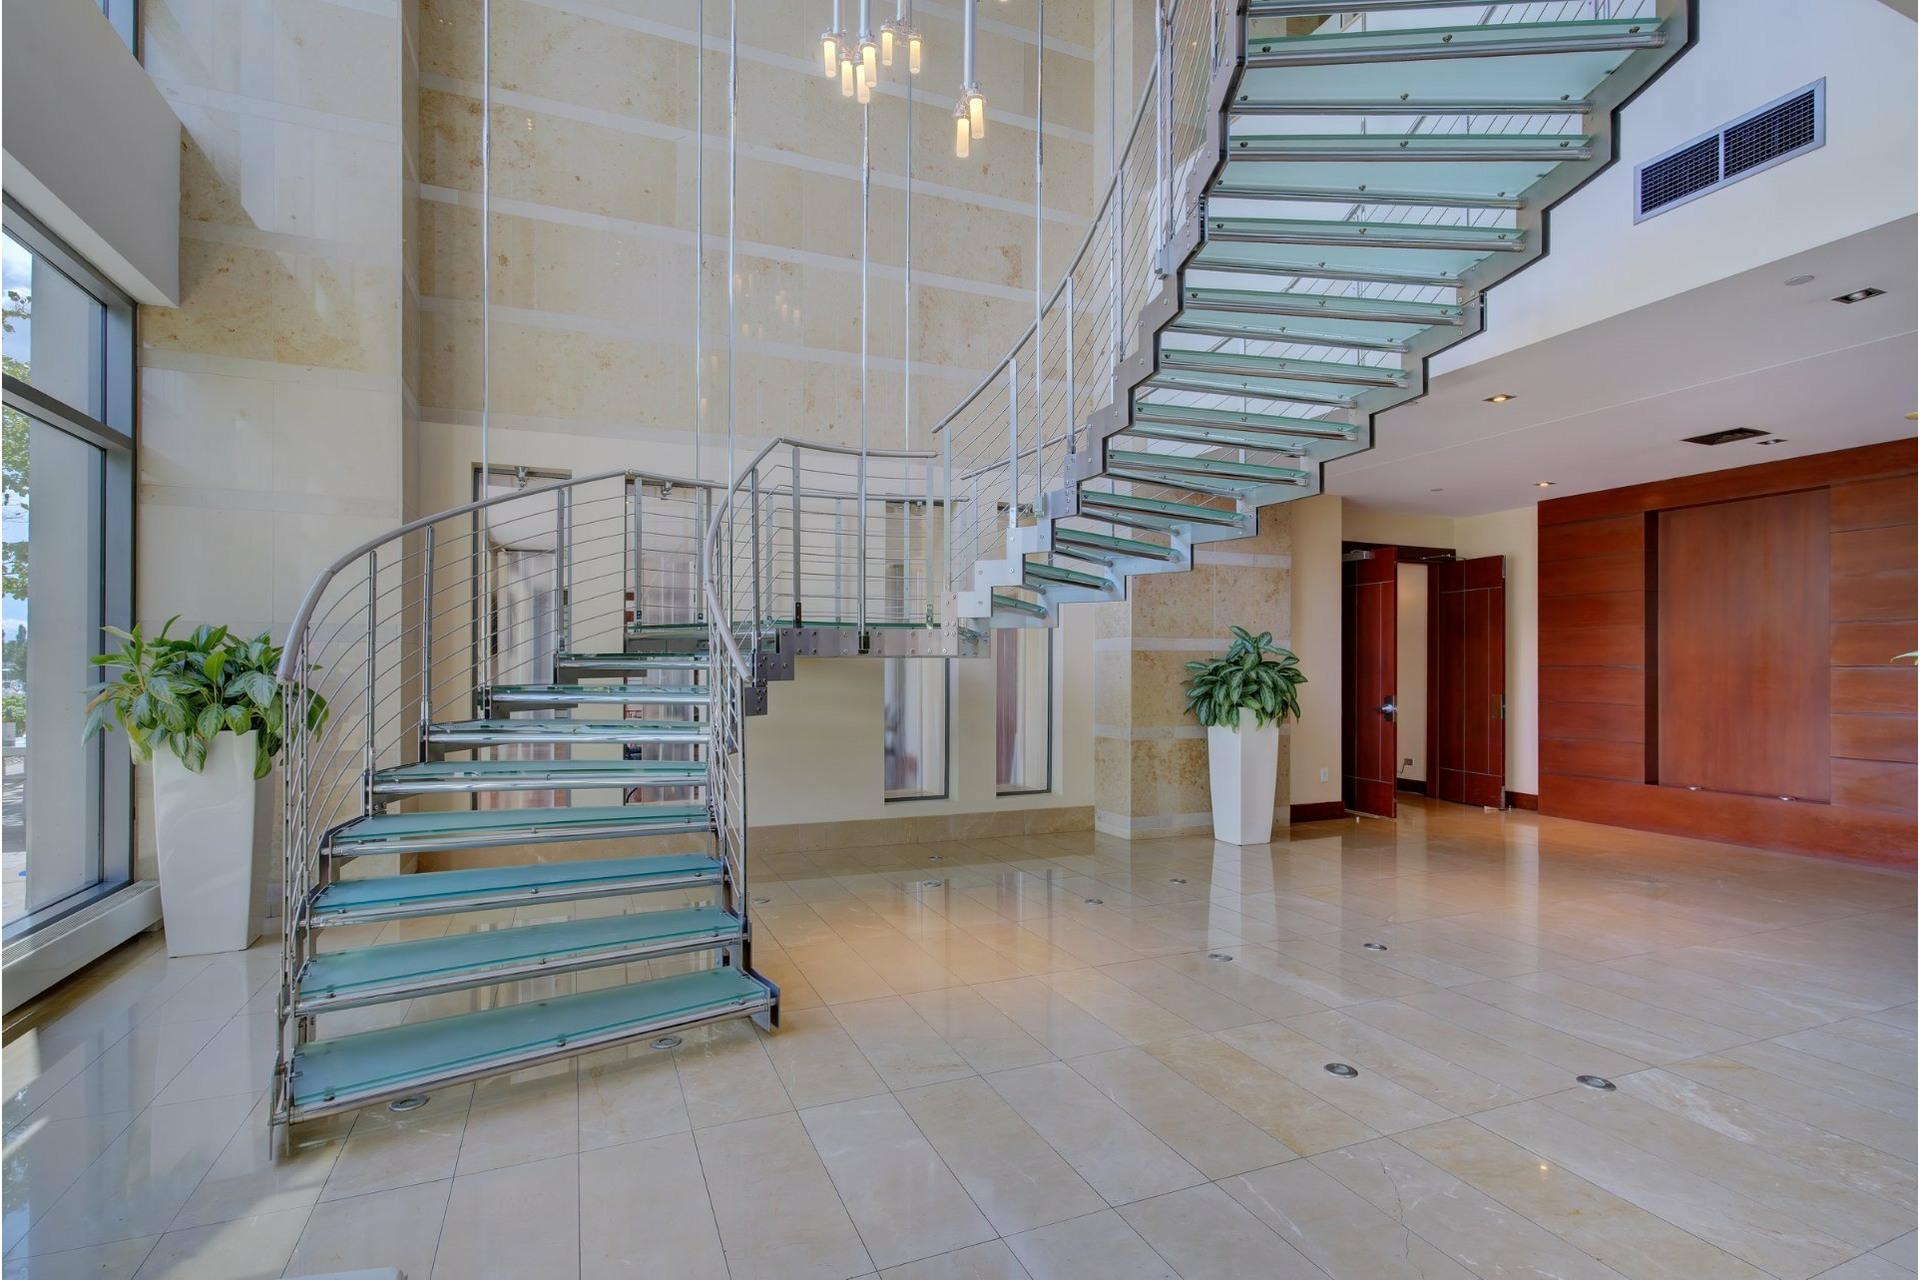 image 29 - Apartment For sale Ville-Marie Montréal  - 6 rooms